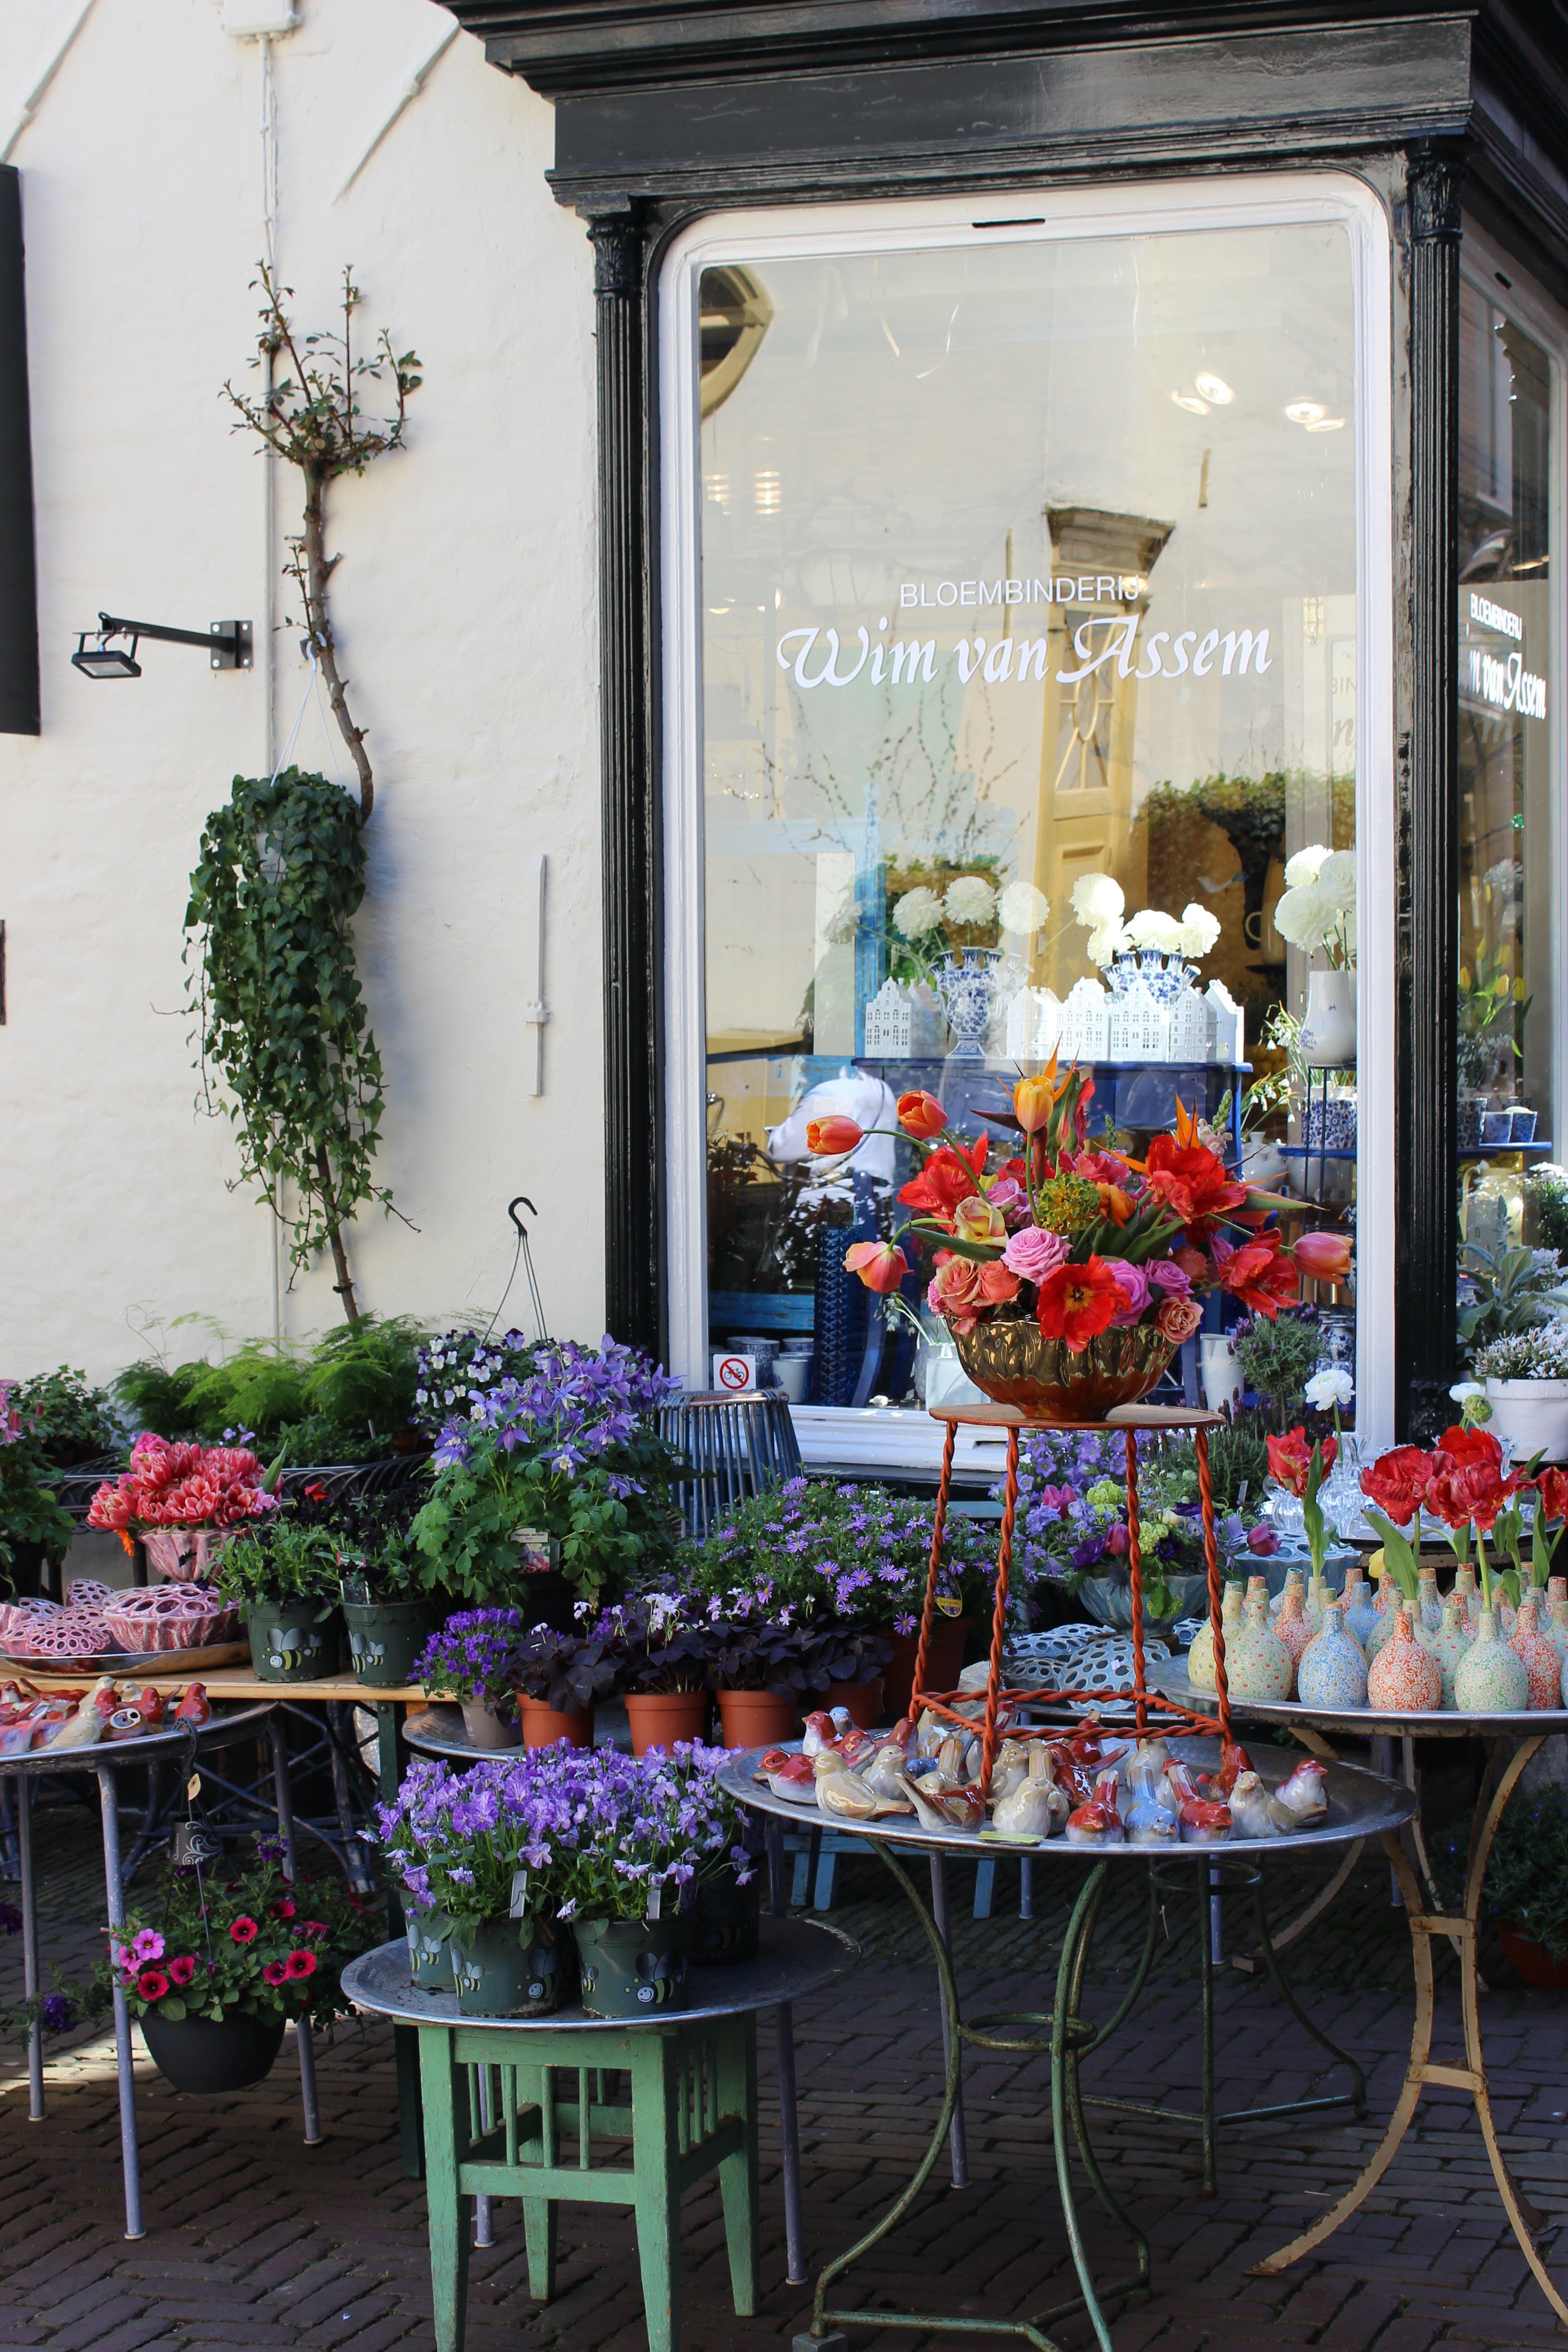 Fotos de stock gratuitas de al aire libre, calle, calle de adoquines, decoraciones